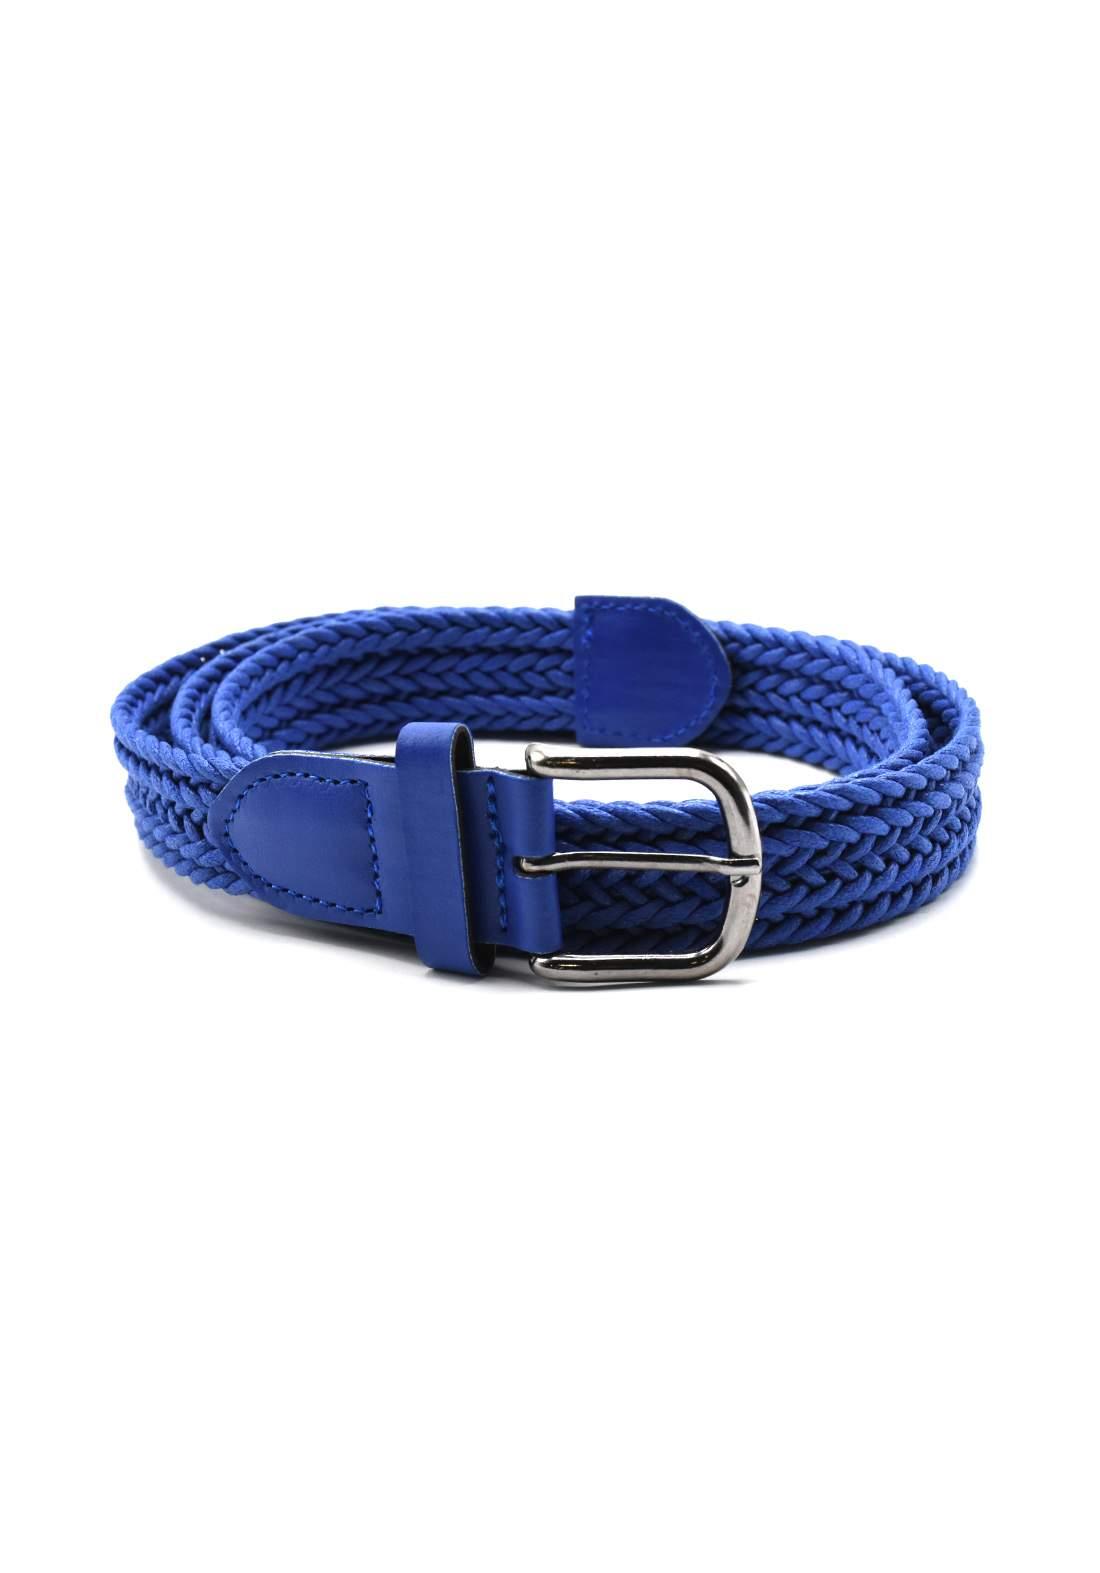 حزام نسائي جلد أزرق اللون بأبزيم فضي 116 سم